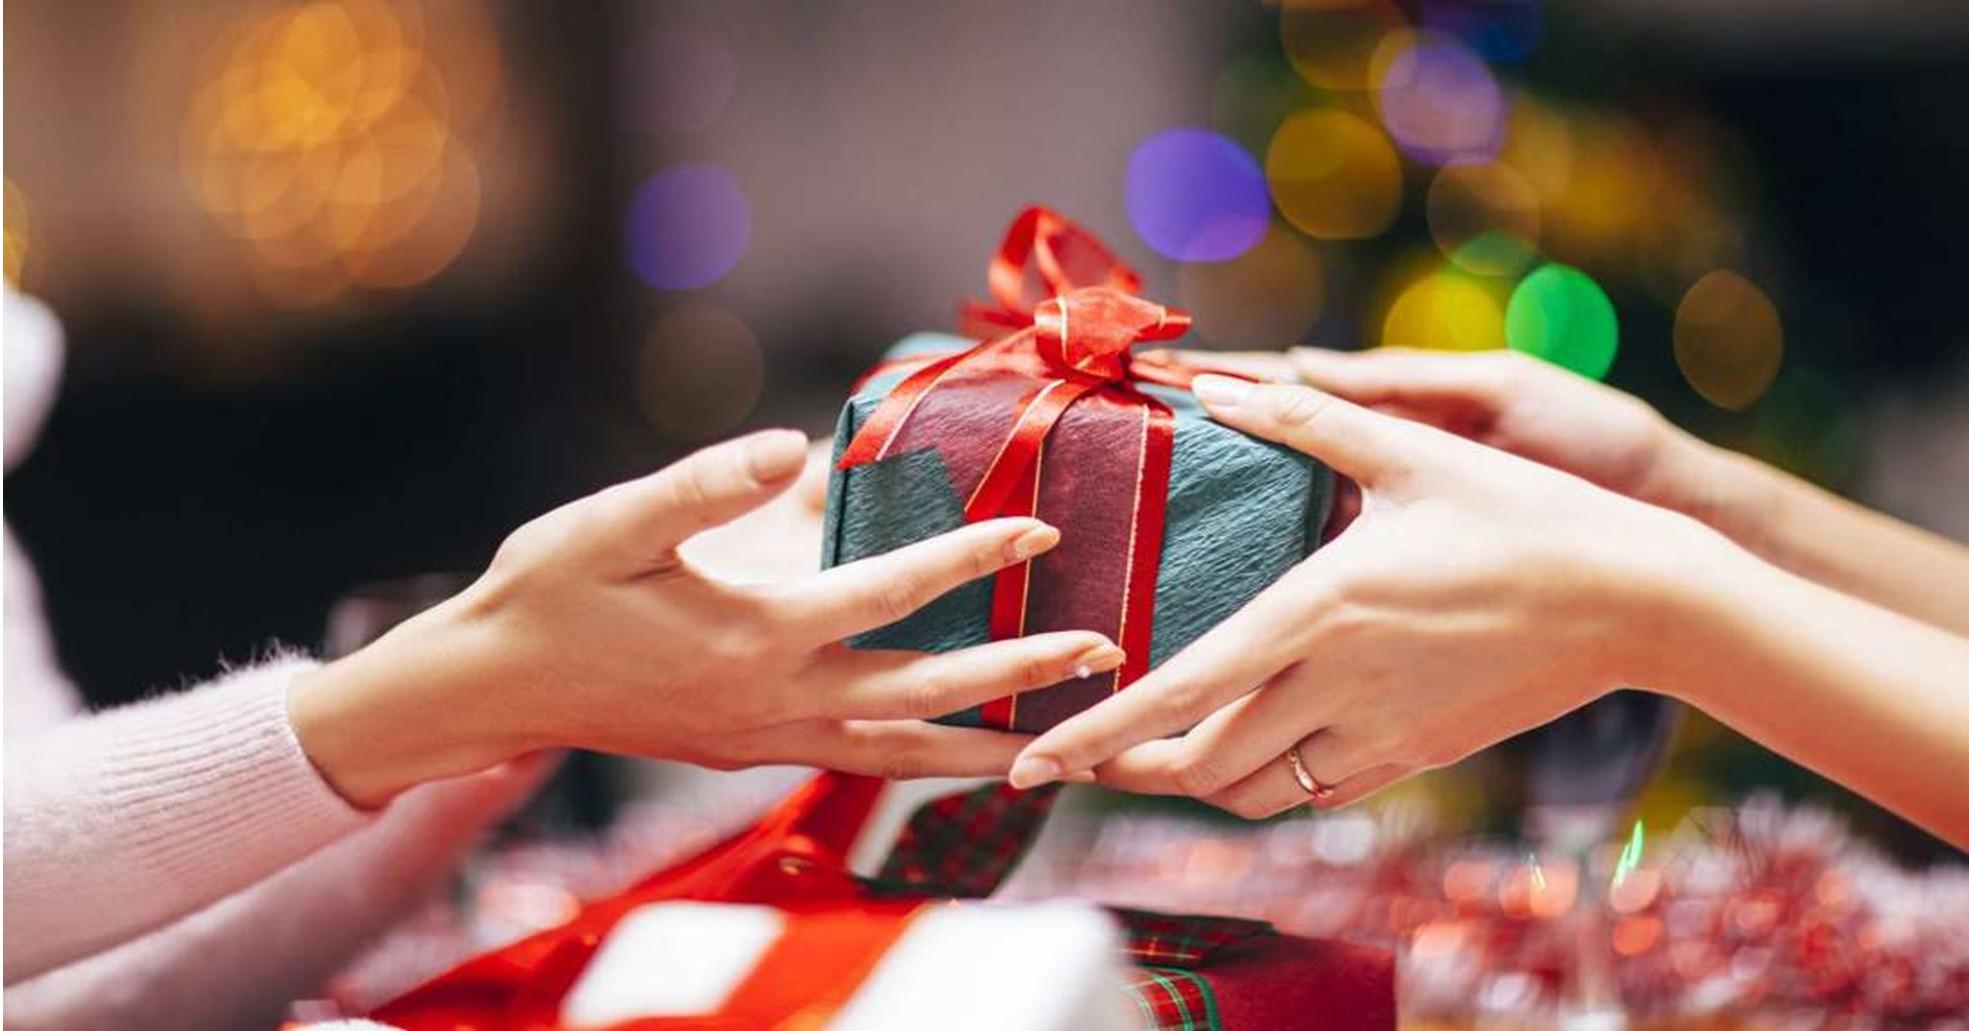 Mách bạn 12 quà tặng sinh nhật cho mẹ đơn giản vẫn đầy đủ ý nghĩa